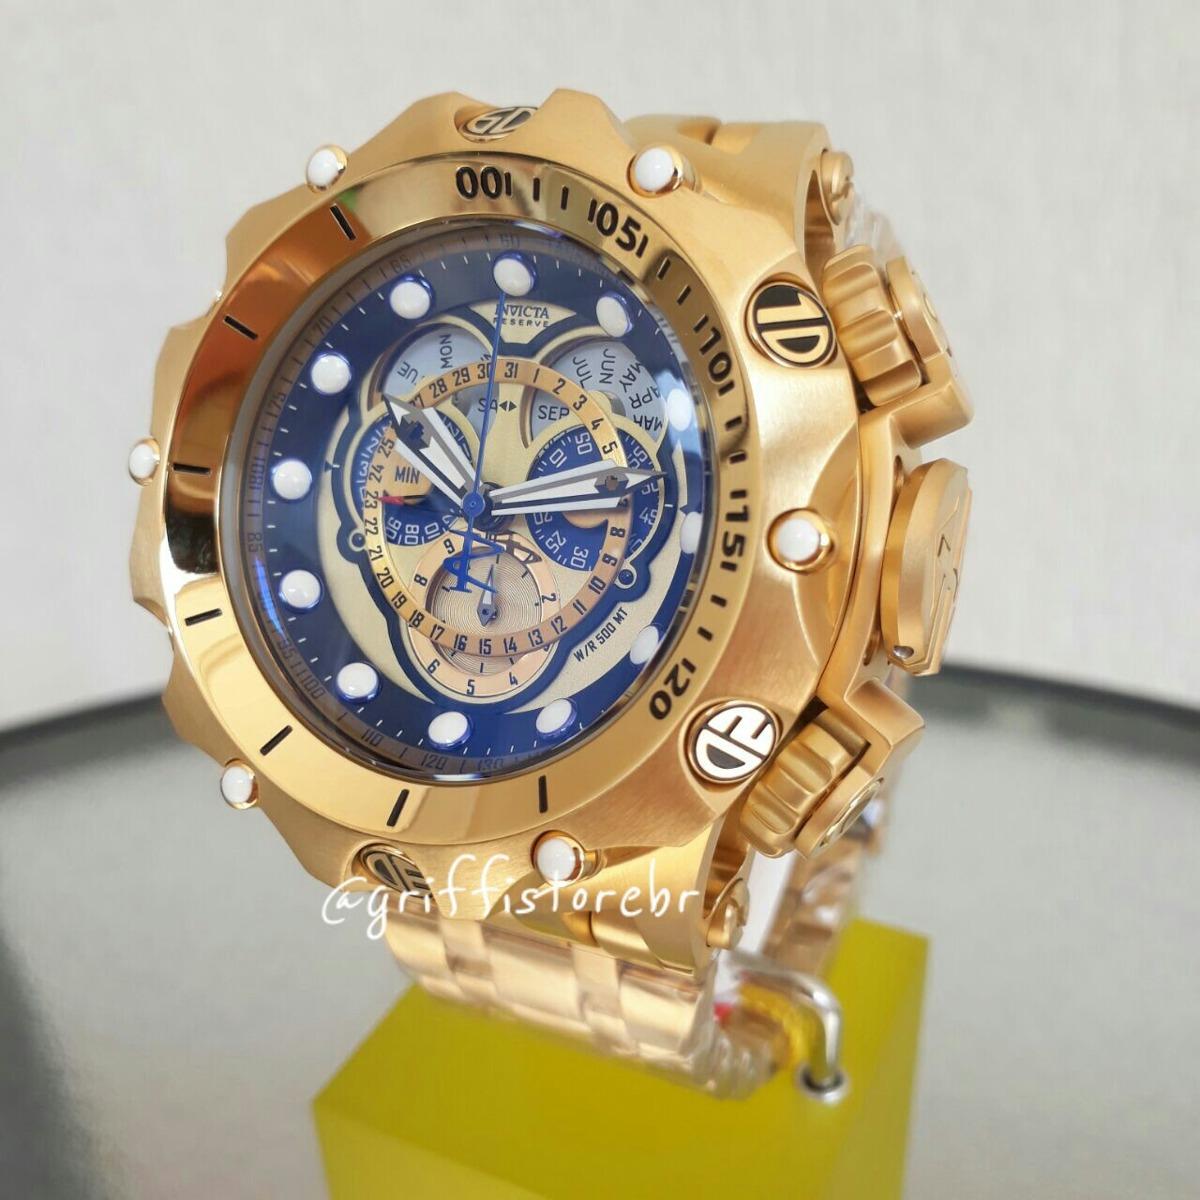 076a5e73242 relógio invicta venom hybrid 16804 original banhado ouro 18k. Carregando  zoom.